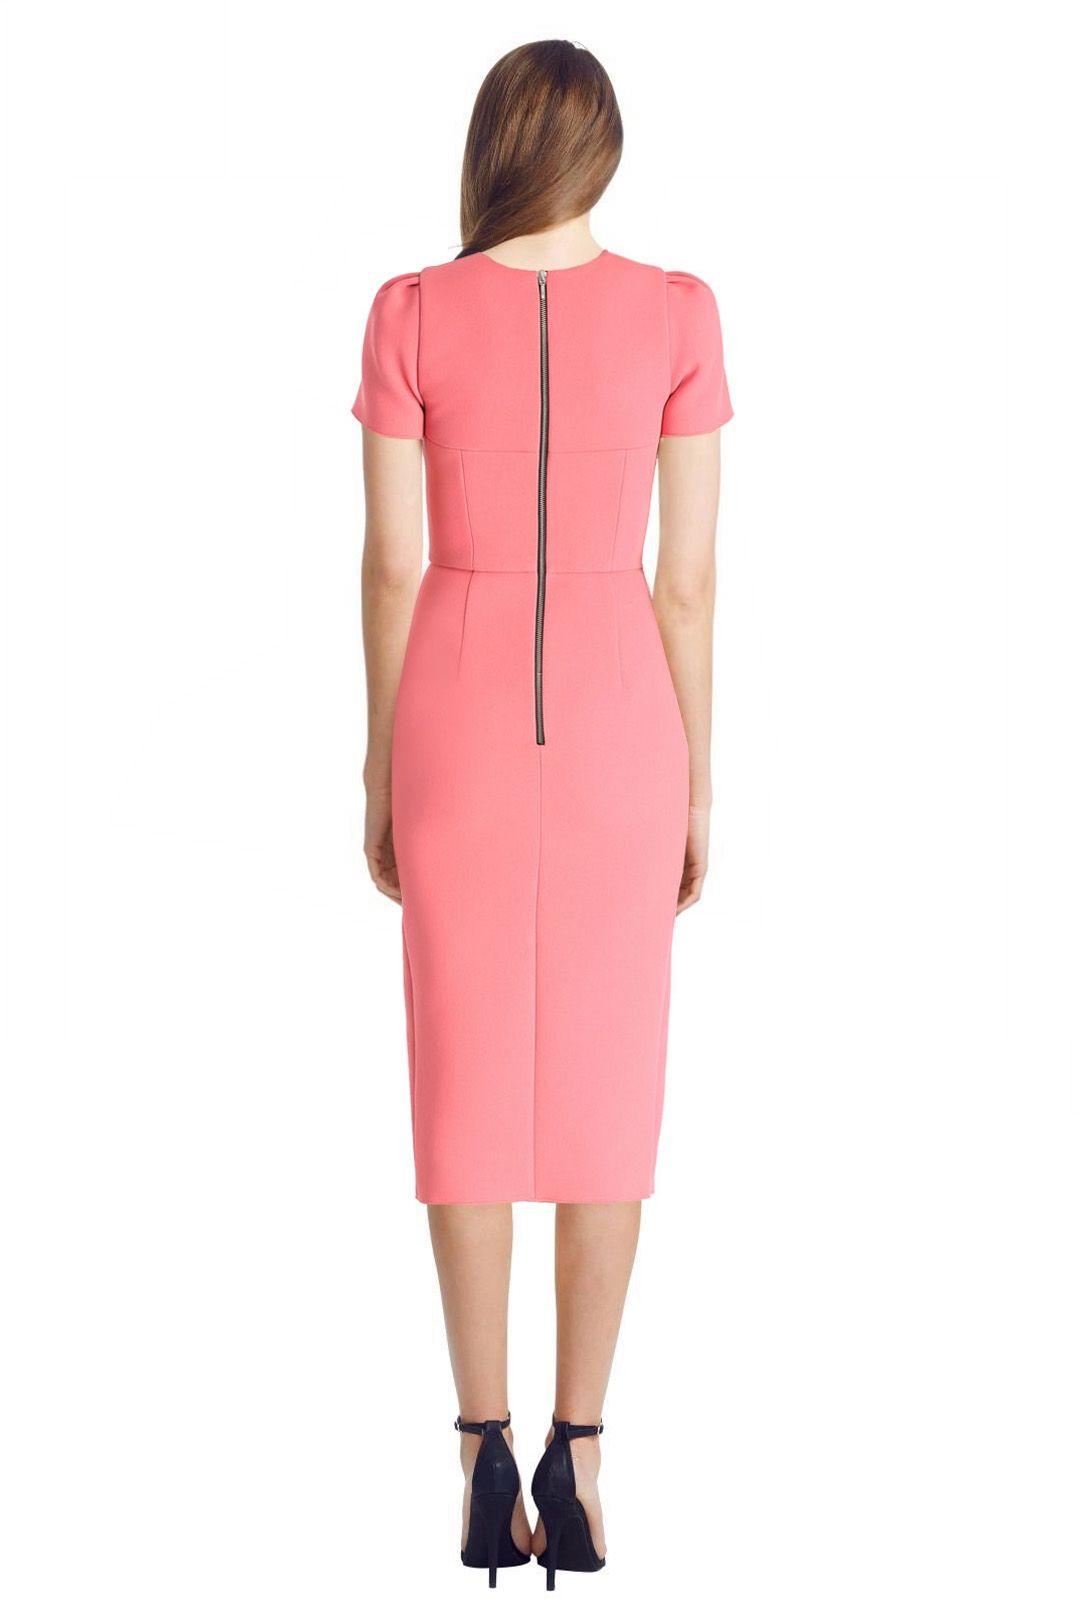 Yeojin Bae - Double Crepe Amelia Dress - Pink - Back